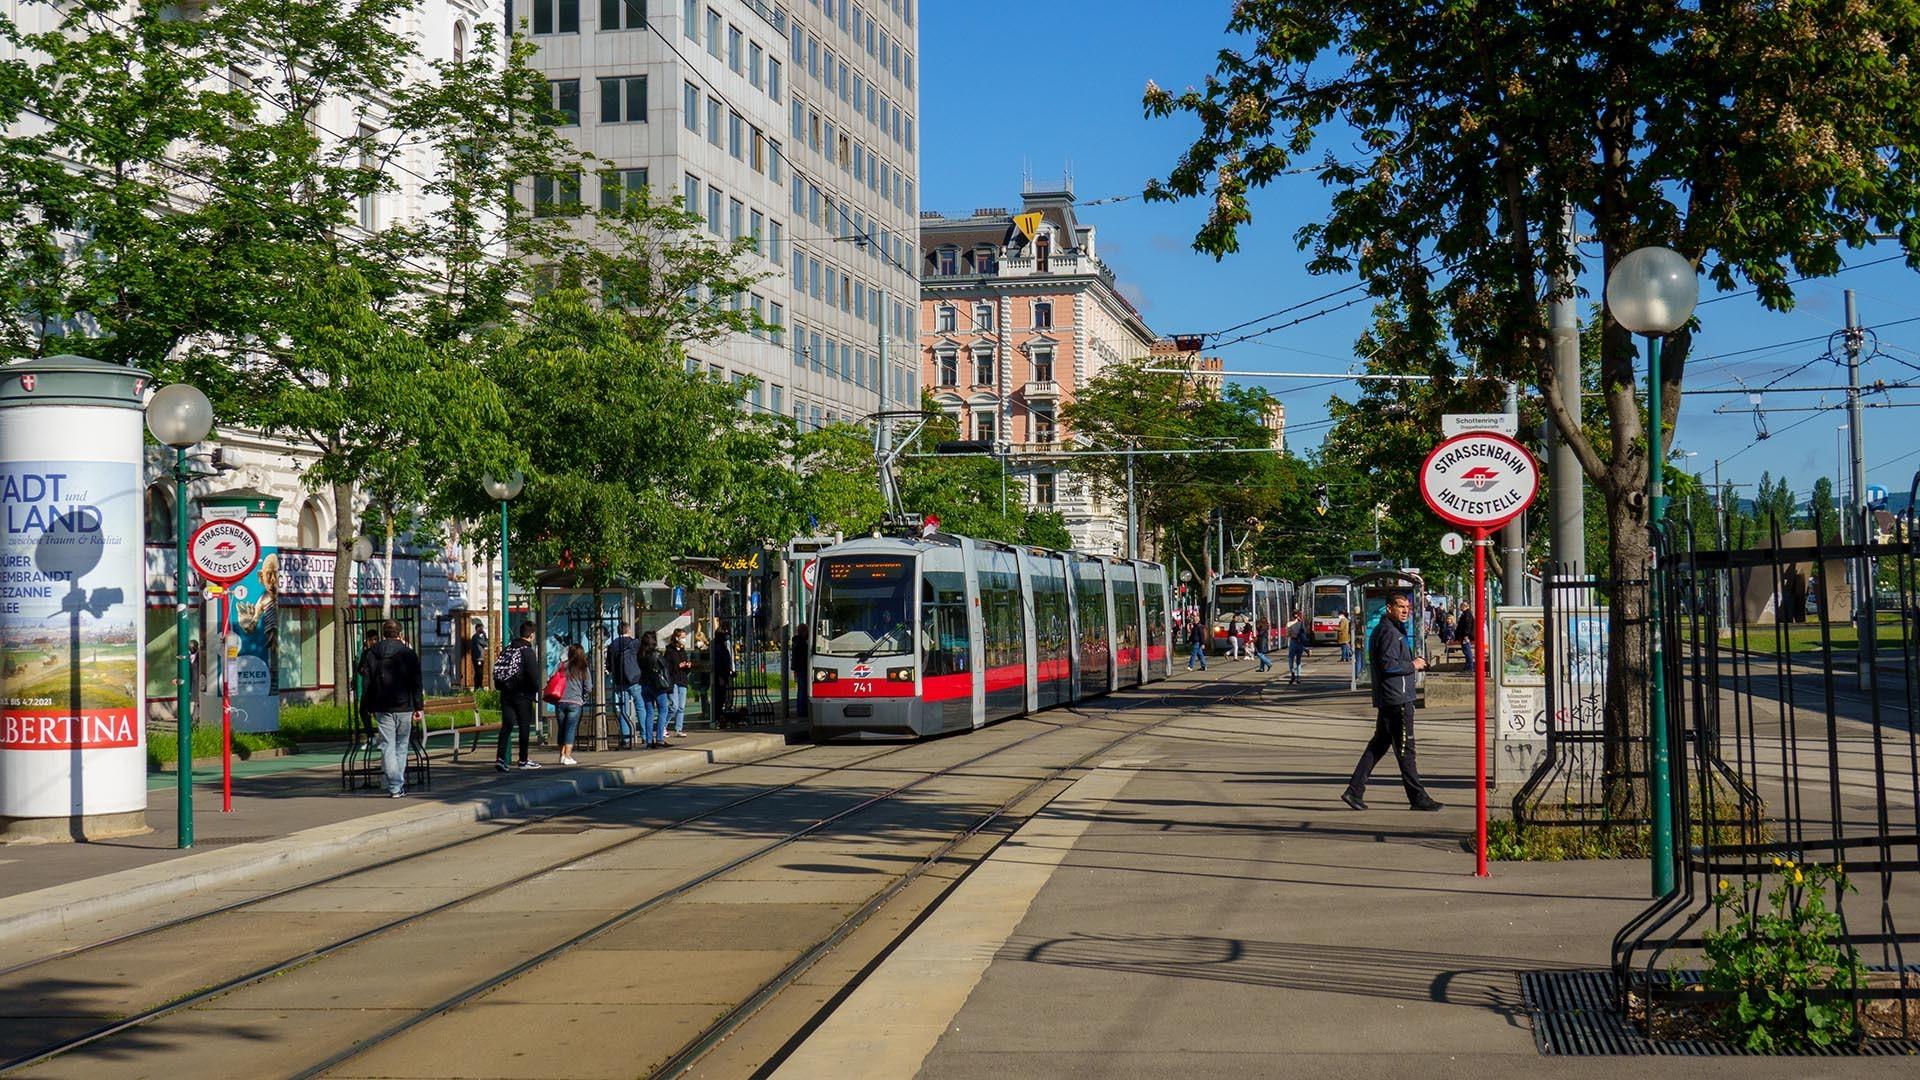 https://public-transport.net/tram/Wien2021/U2Z_Praterstern/slides/9118_360.jpg